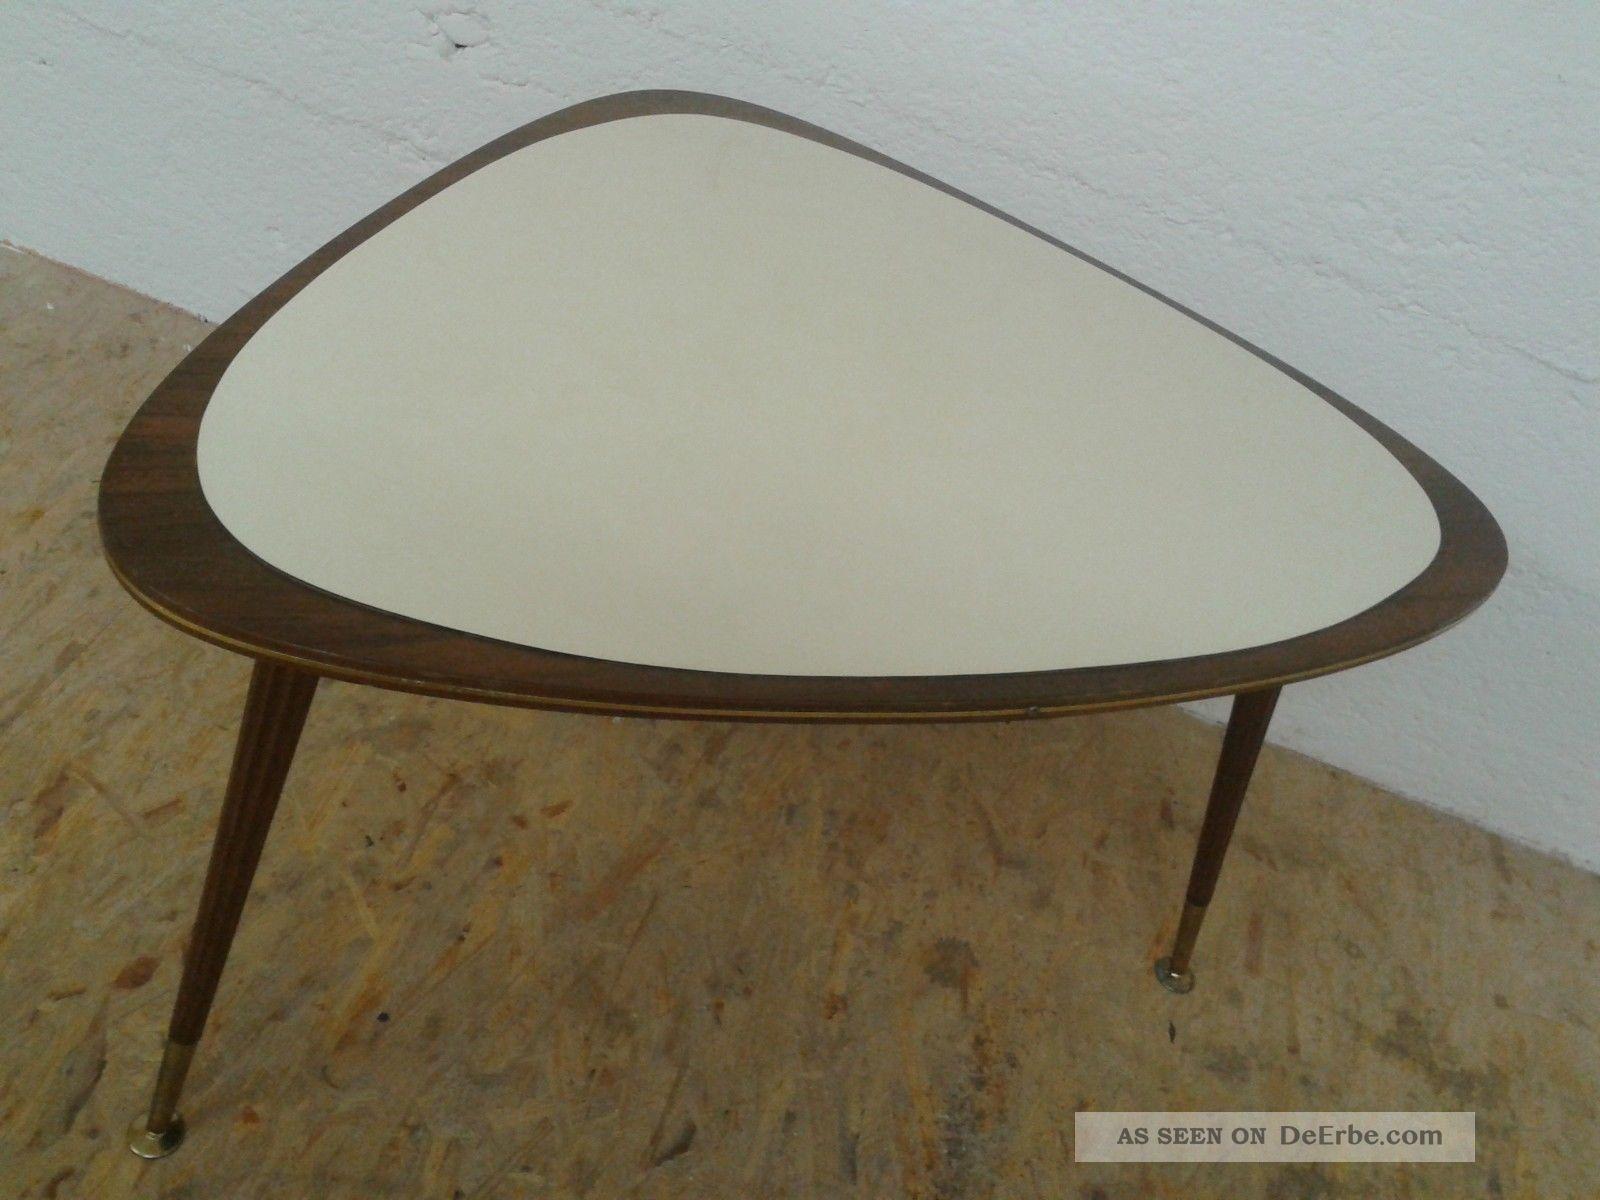 Nierentisch Tisch Ilse Möbel Beistelltisch 50er Rockabilly Ära Mid Century Antik 1960-1969 Bild